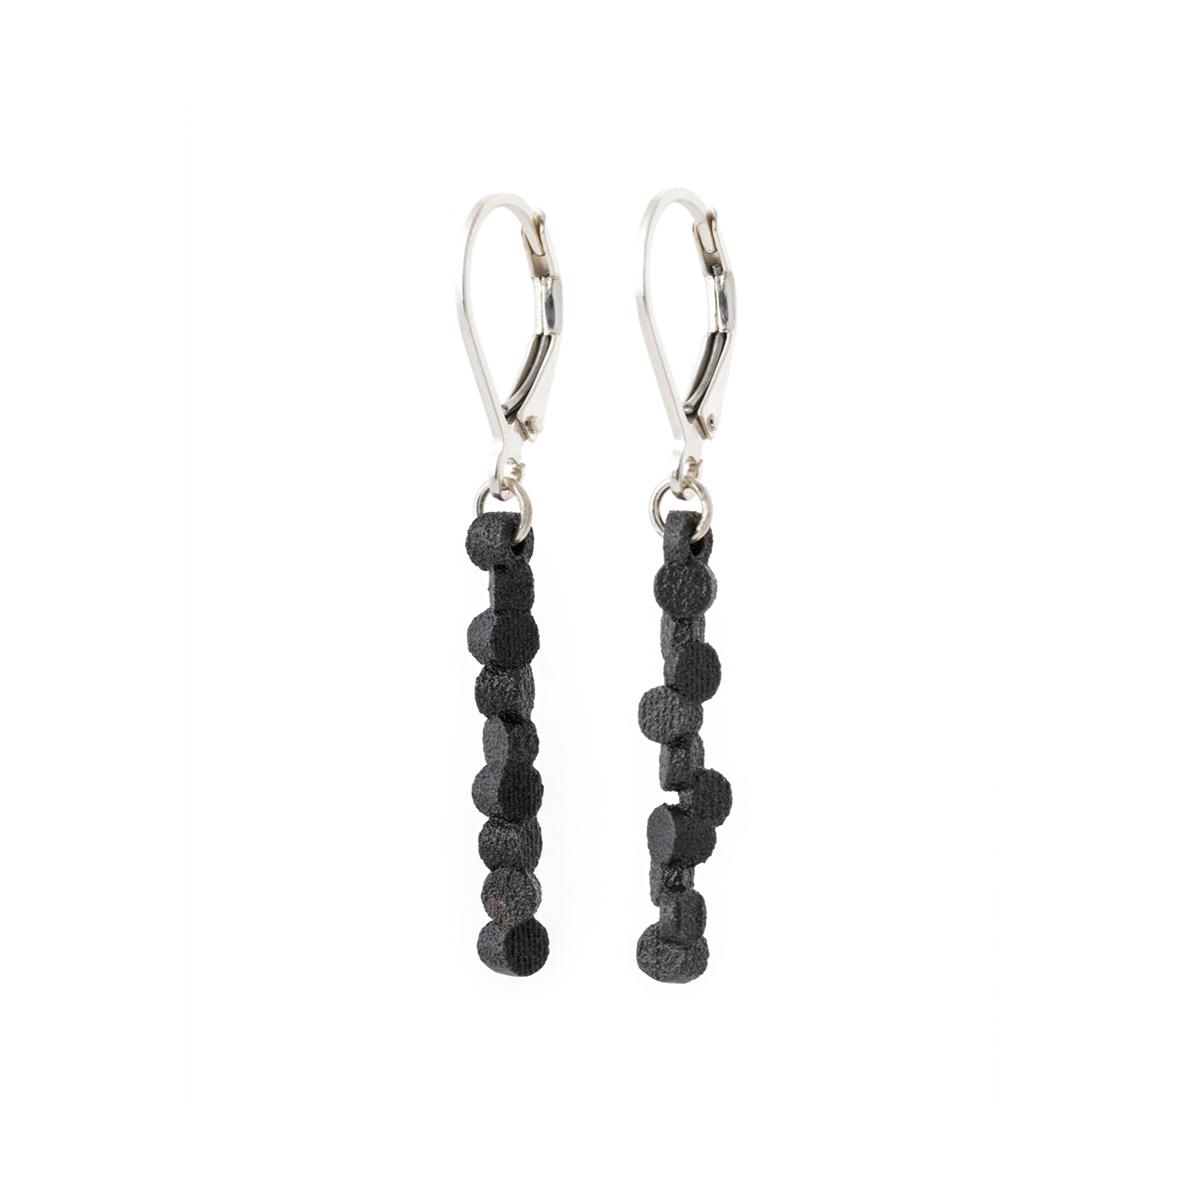 Tubii-earrings-matte-black-steel_DSC5558-Edit